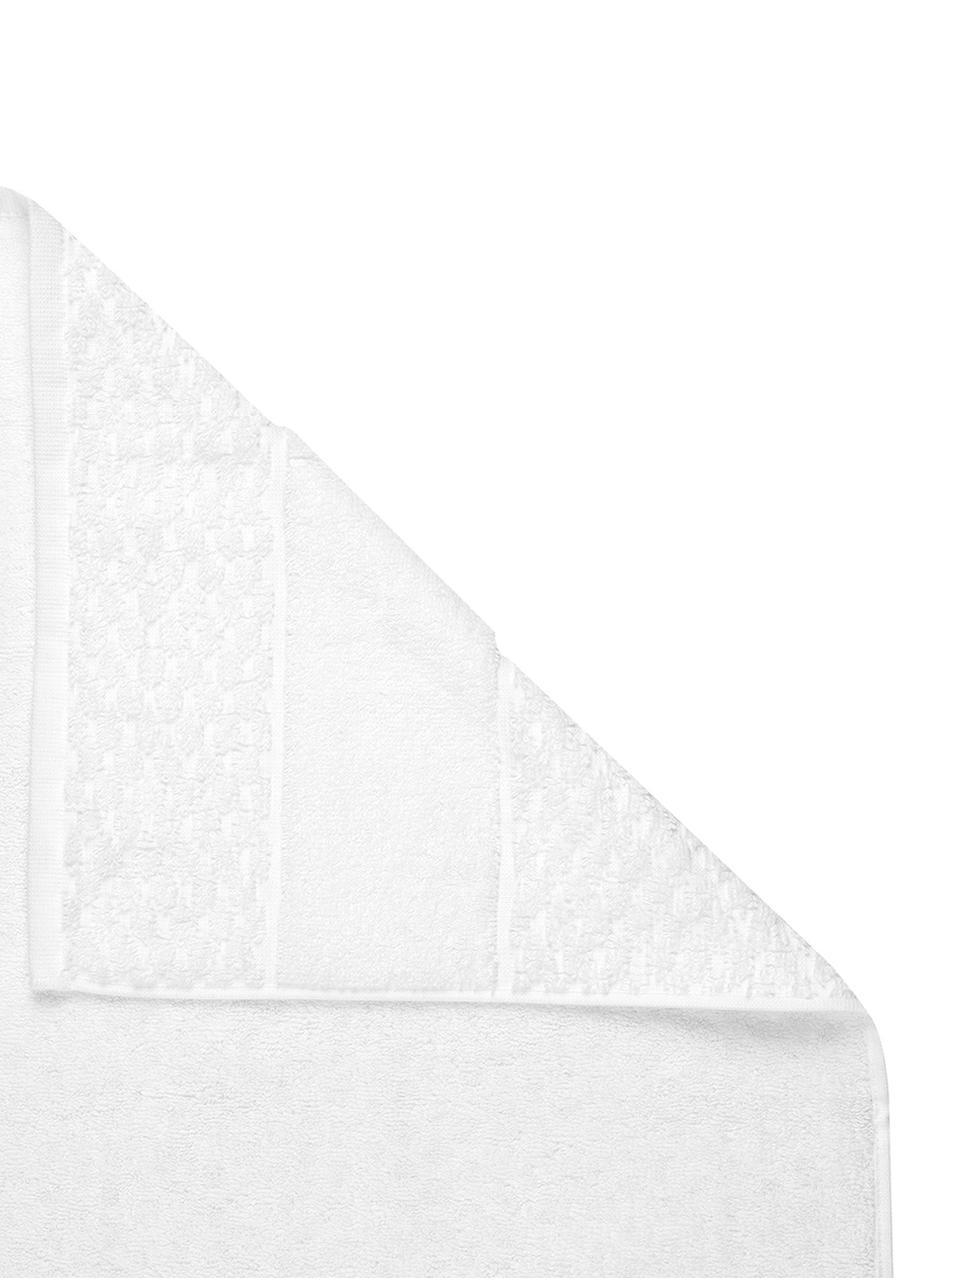 Handtuch Katharina in verschiedenen Größen, mit Wabenmuster, Weiß, Handtuch